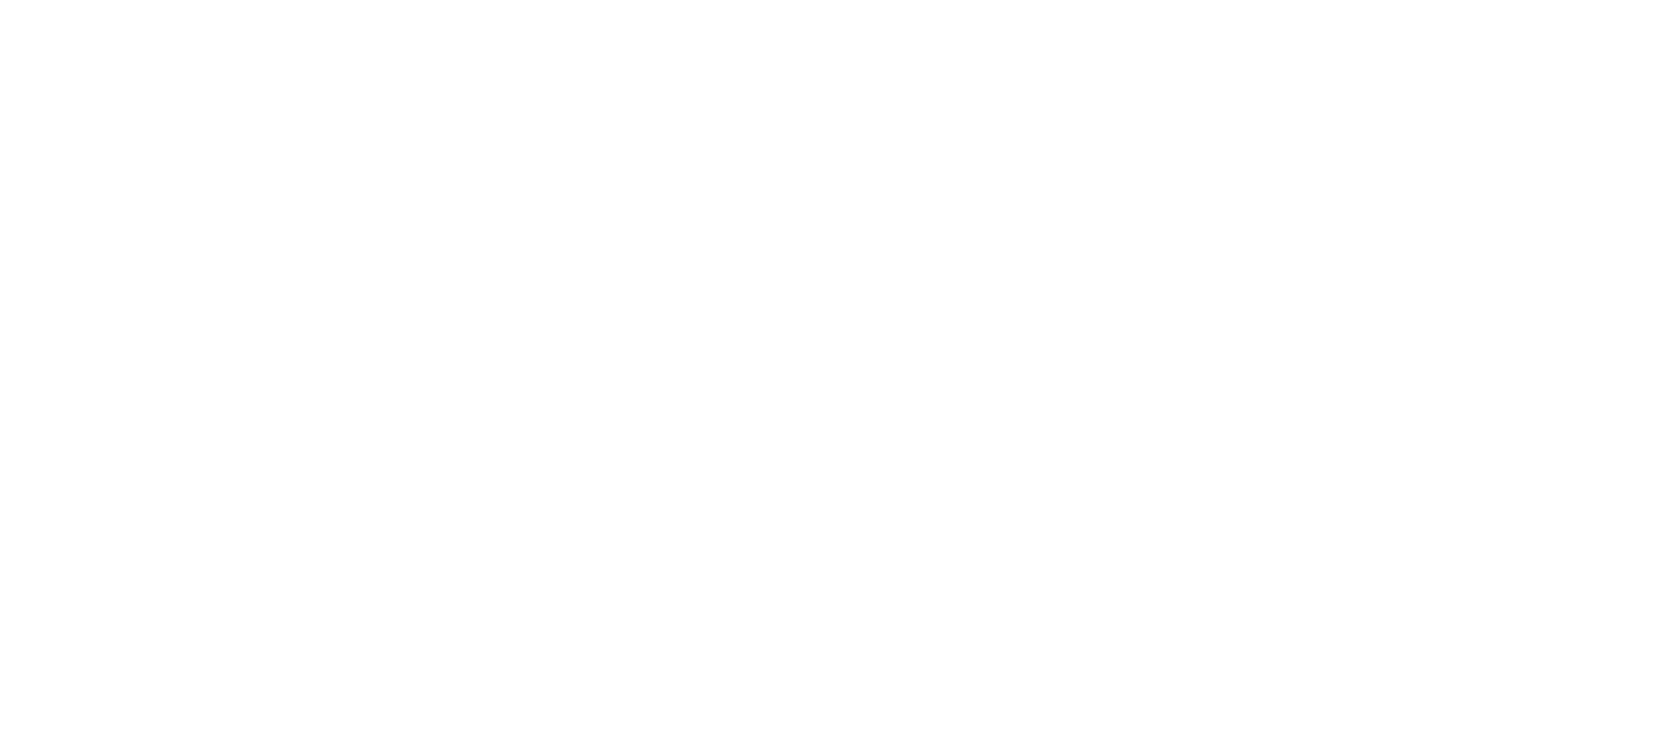 Взять в прокат Емкости Клетки Клетка «Лючия 3»; Нижний Новгород ,  ул.; Описание: Форма: Параллелепипед Высота: 25 см Ширина: 11 см Глубина: 16 см